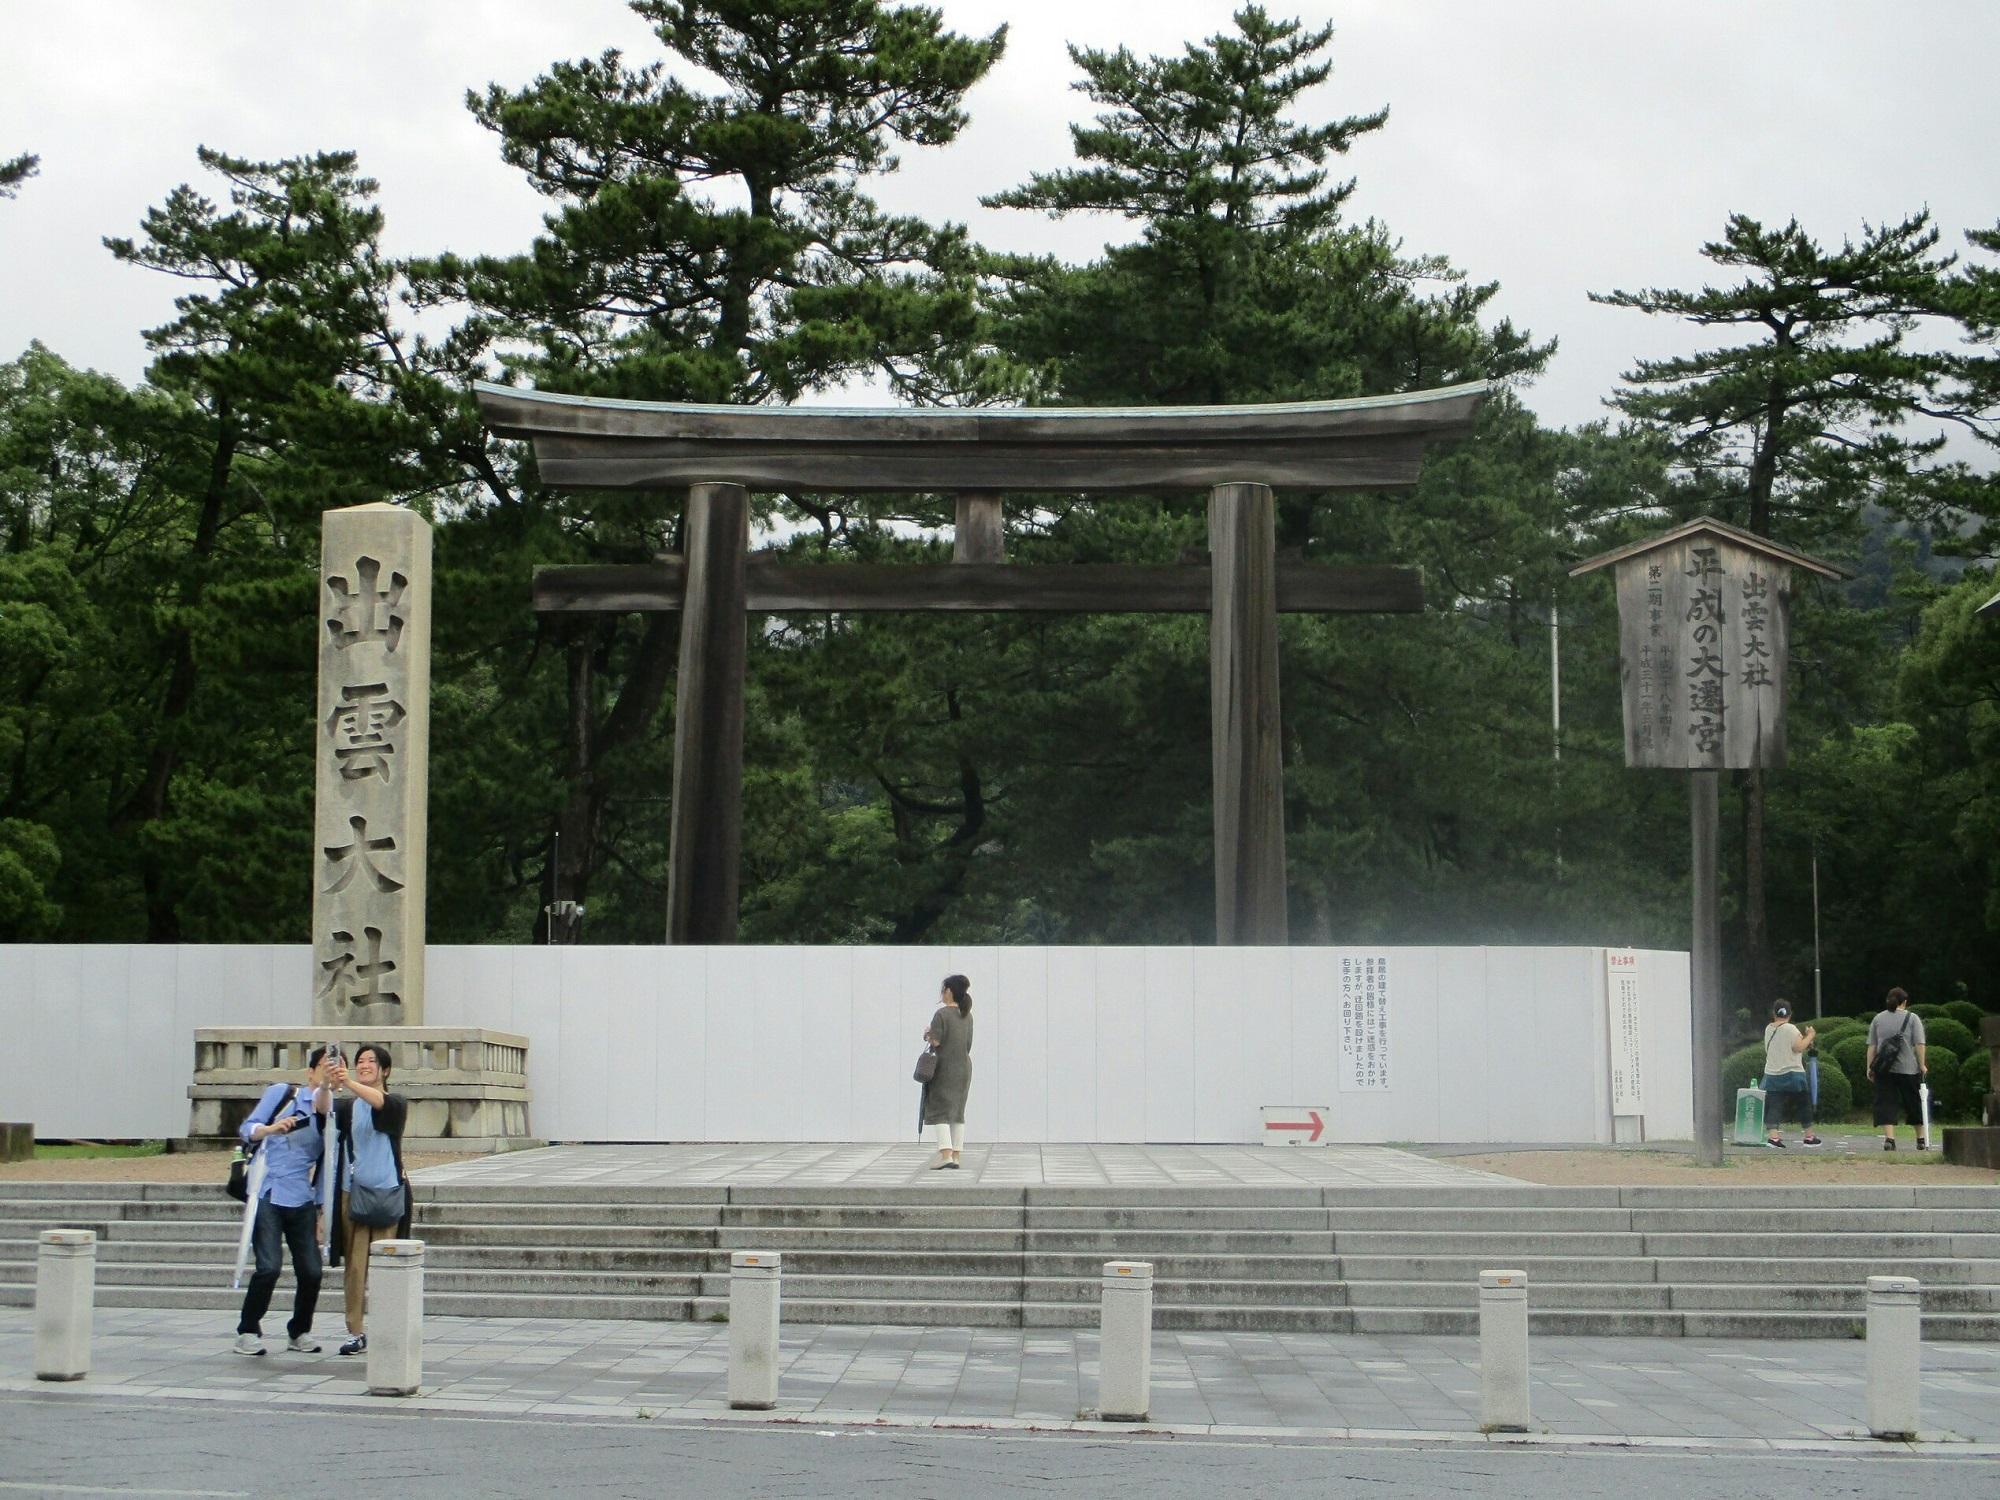 2018.7.6 (84) 出雲大社 - 勢溜(せいだまり)のとりい 2000-1500